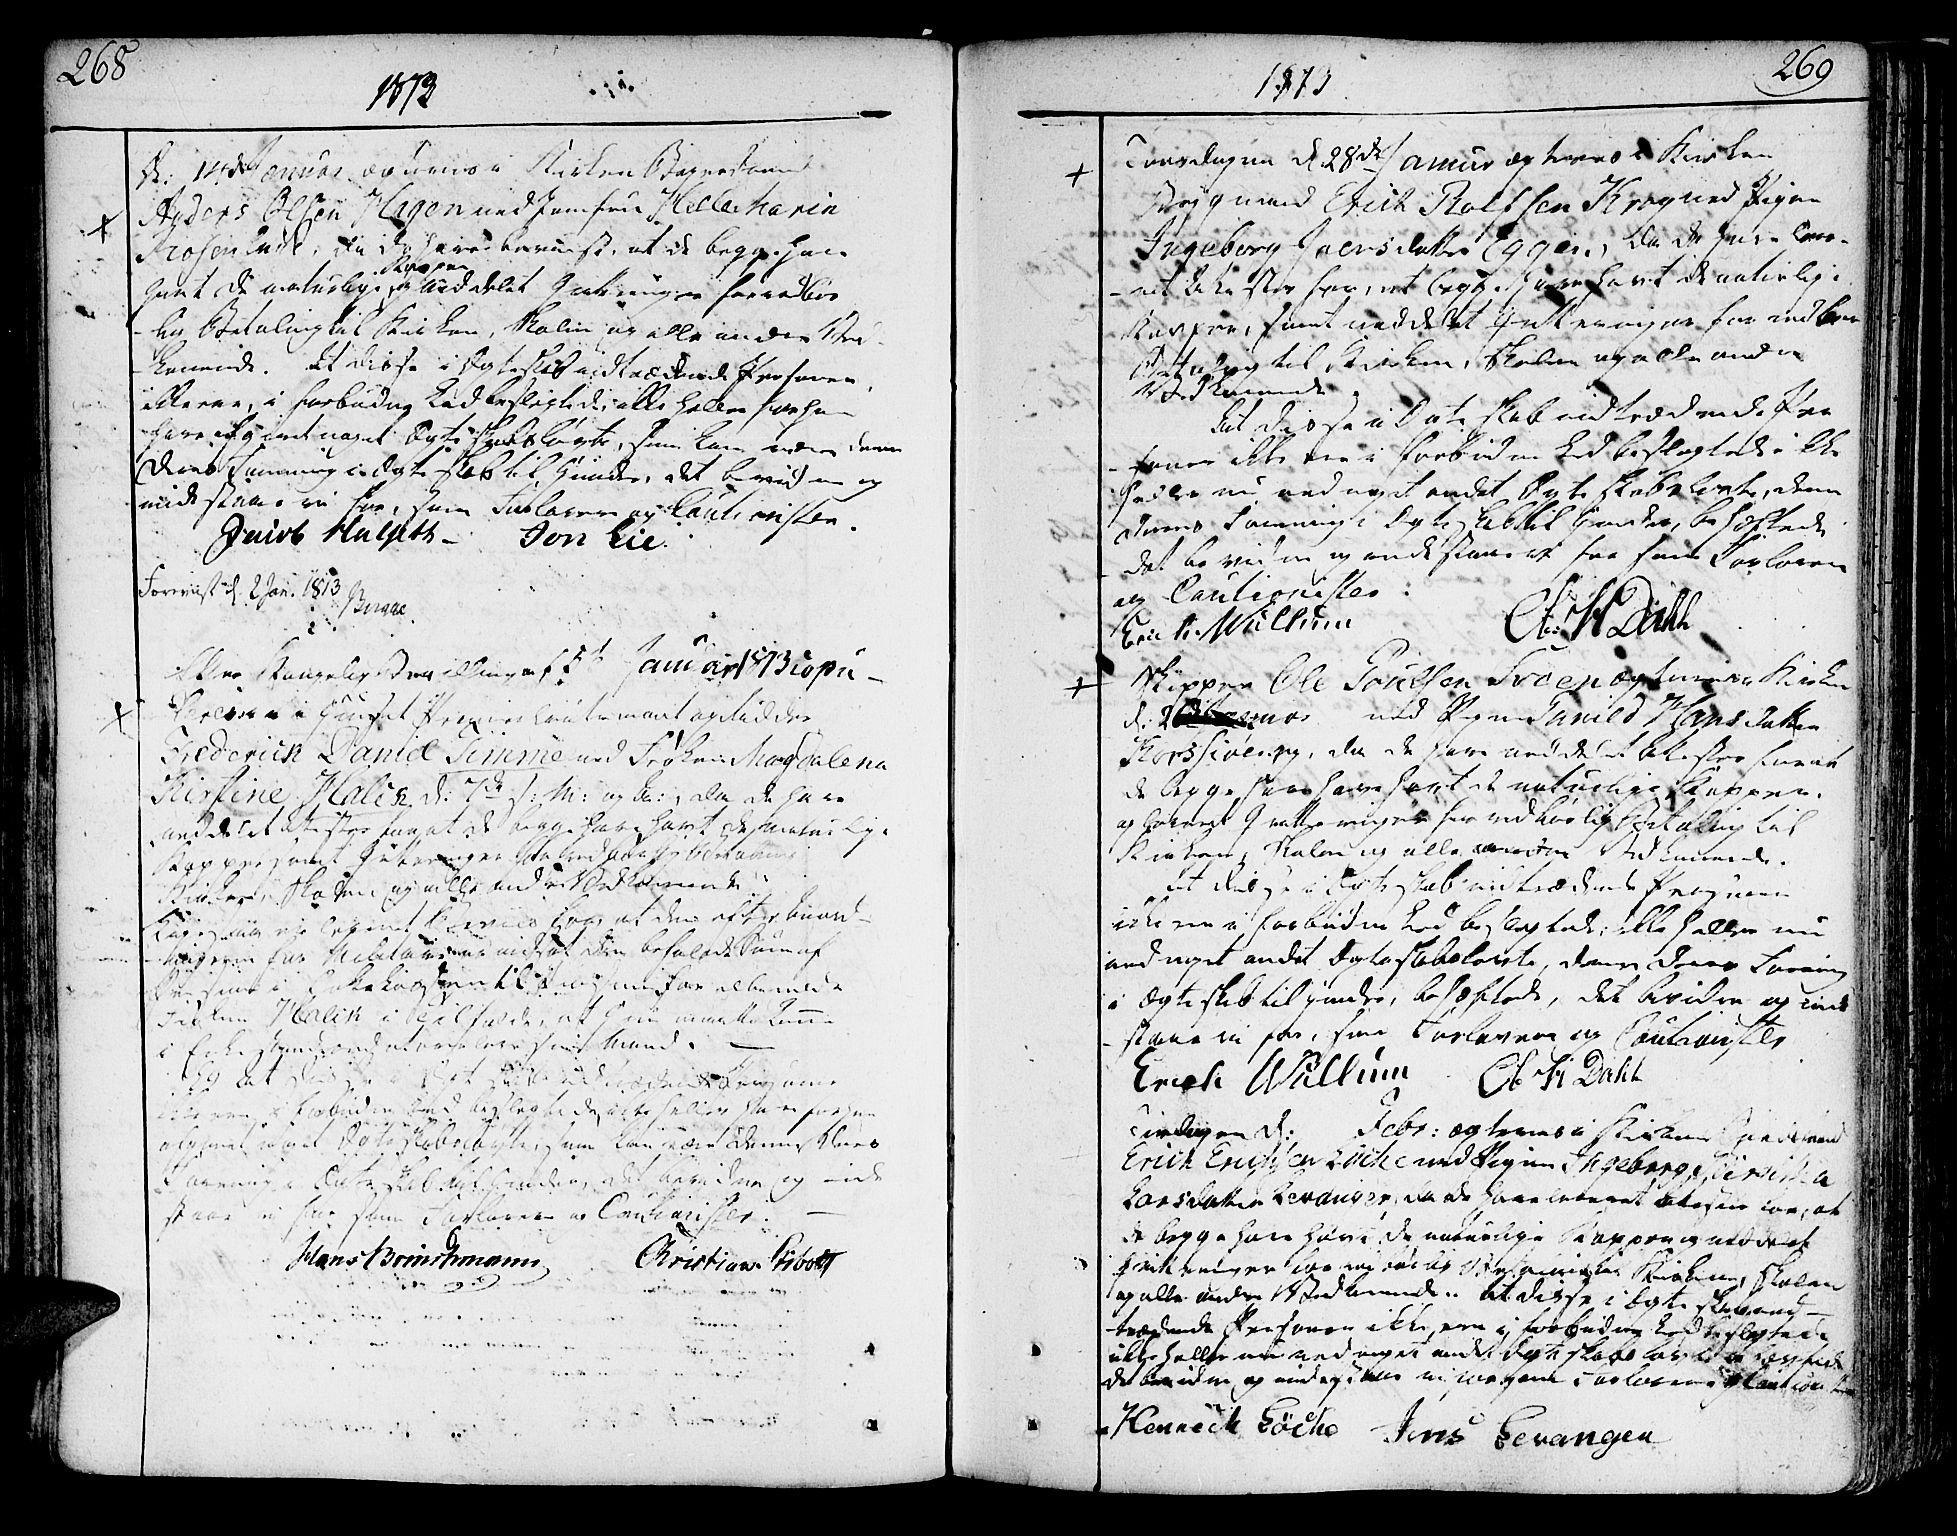 SAT, Ministerialprotokoller, klokkerbøker og fødselsregistre - Sør-Trøndelag, 602/L0105: Ministerialbok nr. 602A03, 1774-1814, s. 268-269